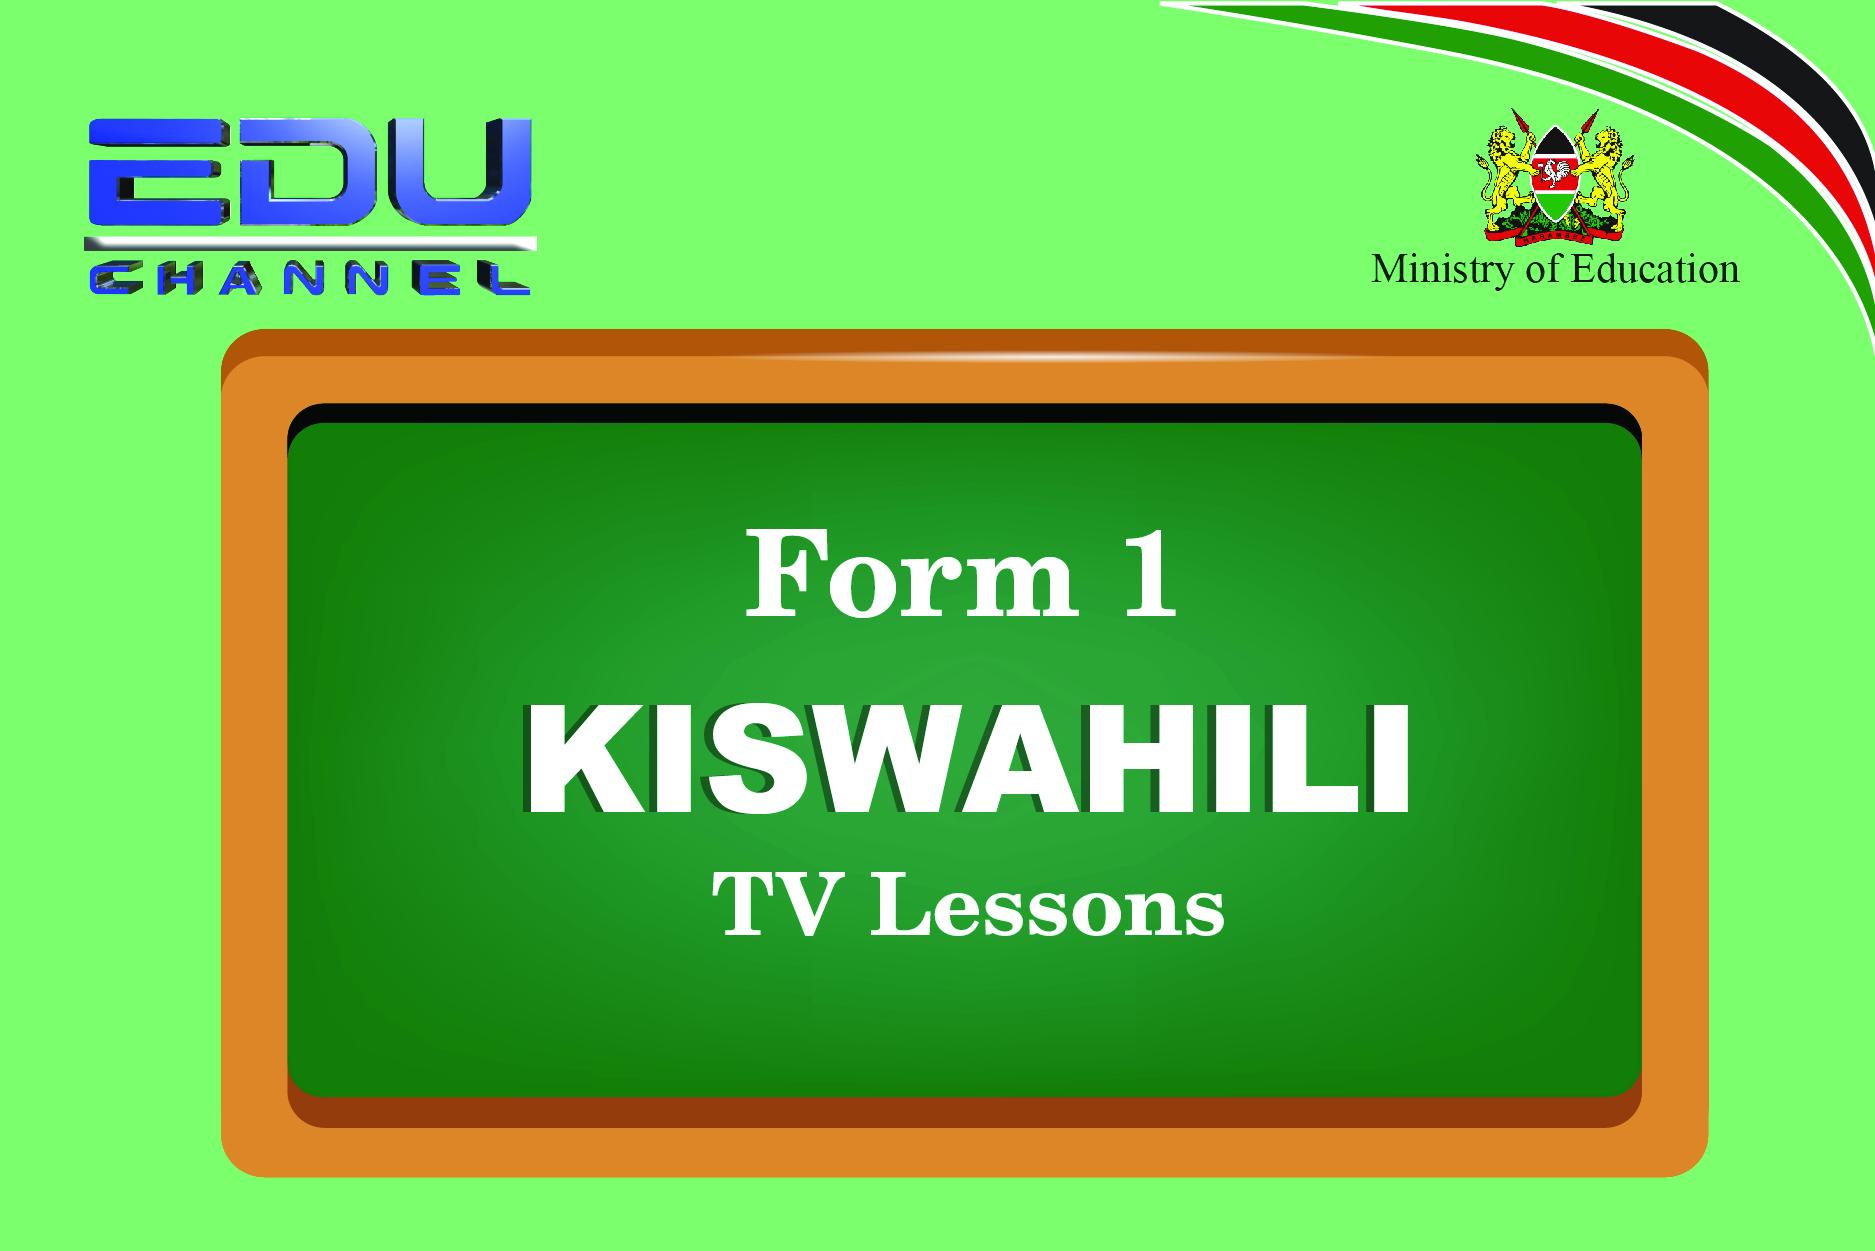 Form 1 Kiswahili Lesson 1: Mashairi ya Arudhi